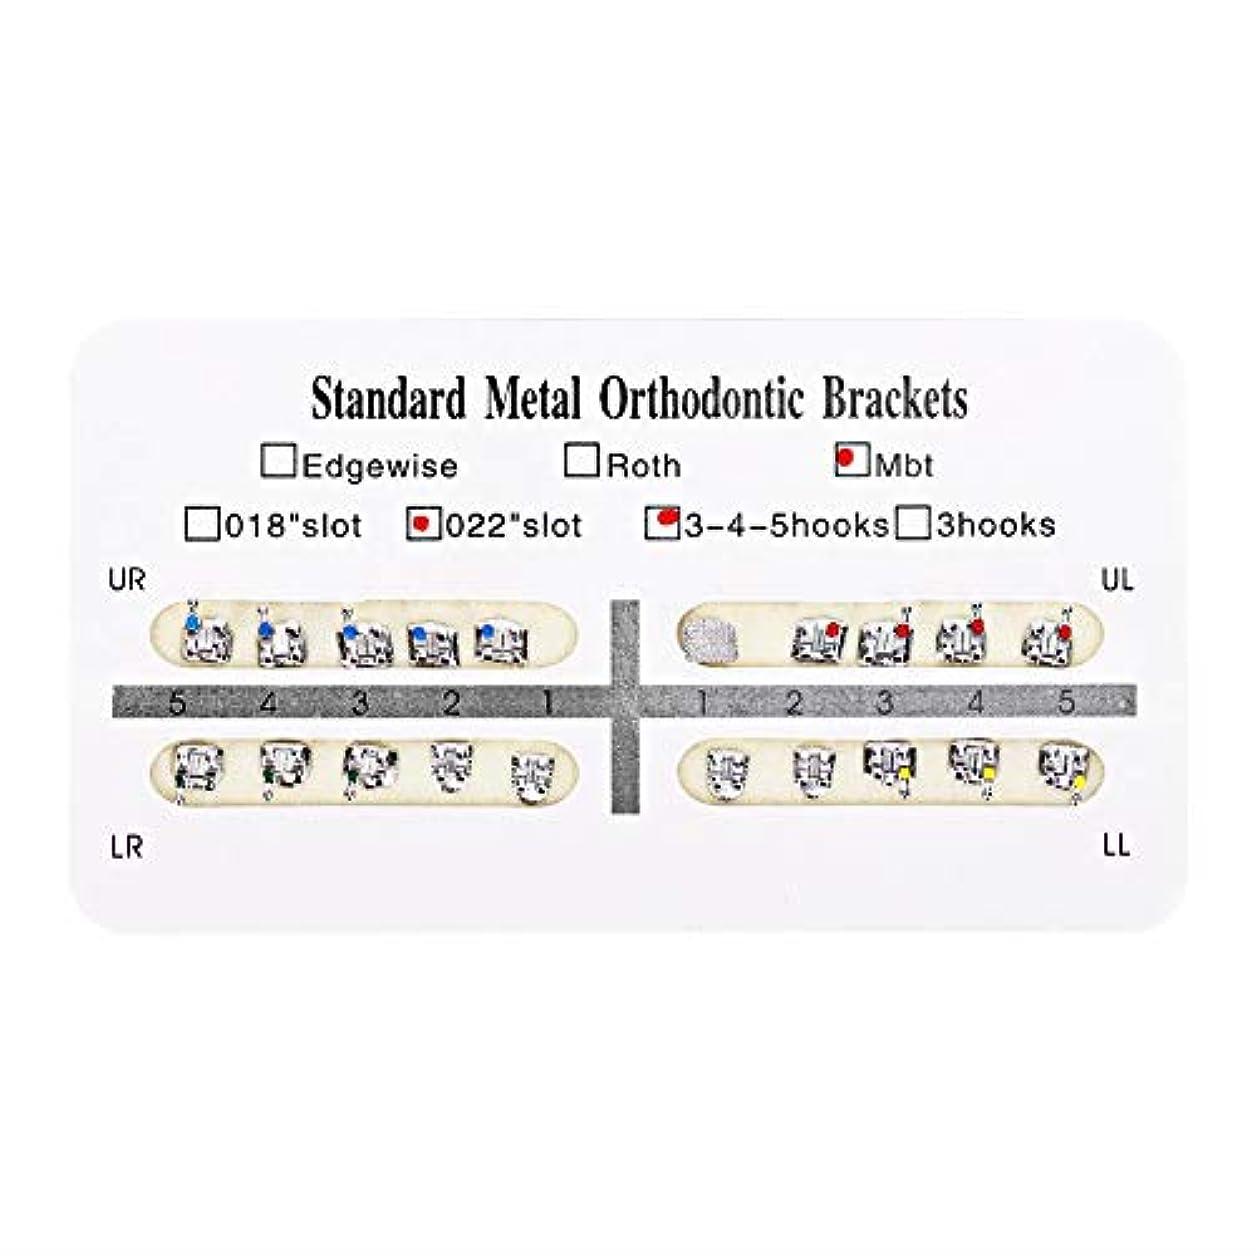 メディカル聖域マッサージNITRIP 10パック 歯科矯正ブラケット クリニーク歯科ツール (Mbt)